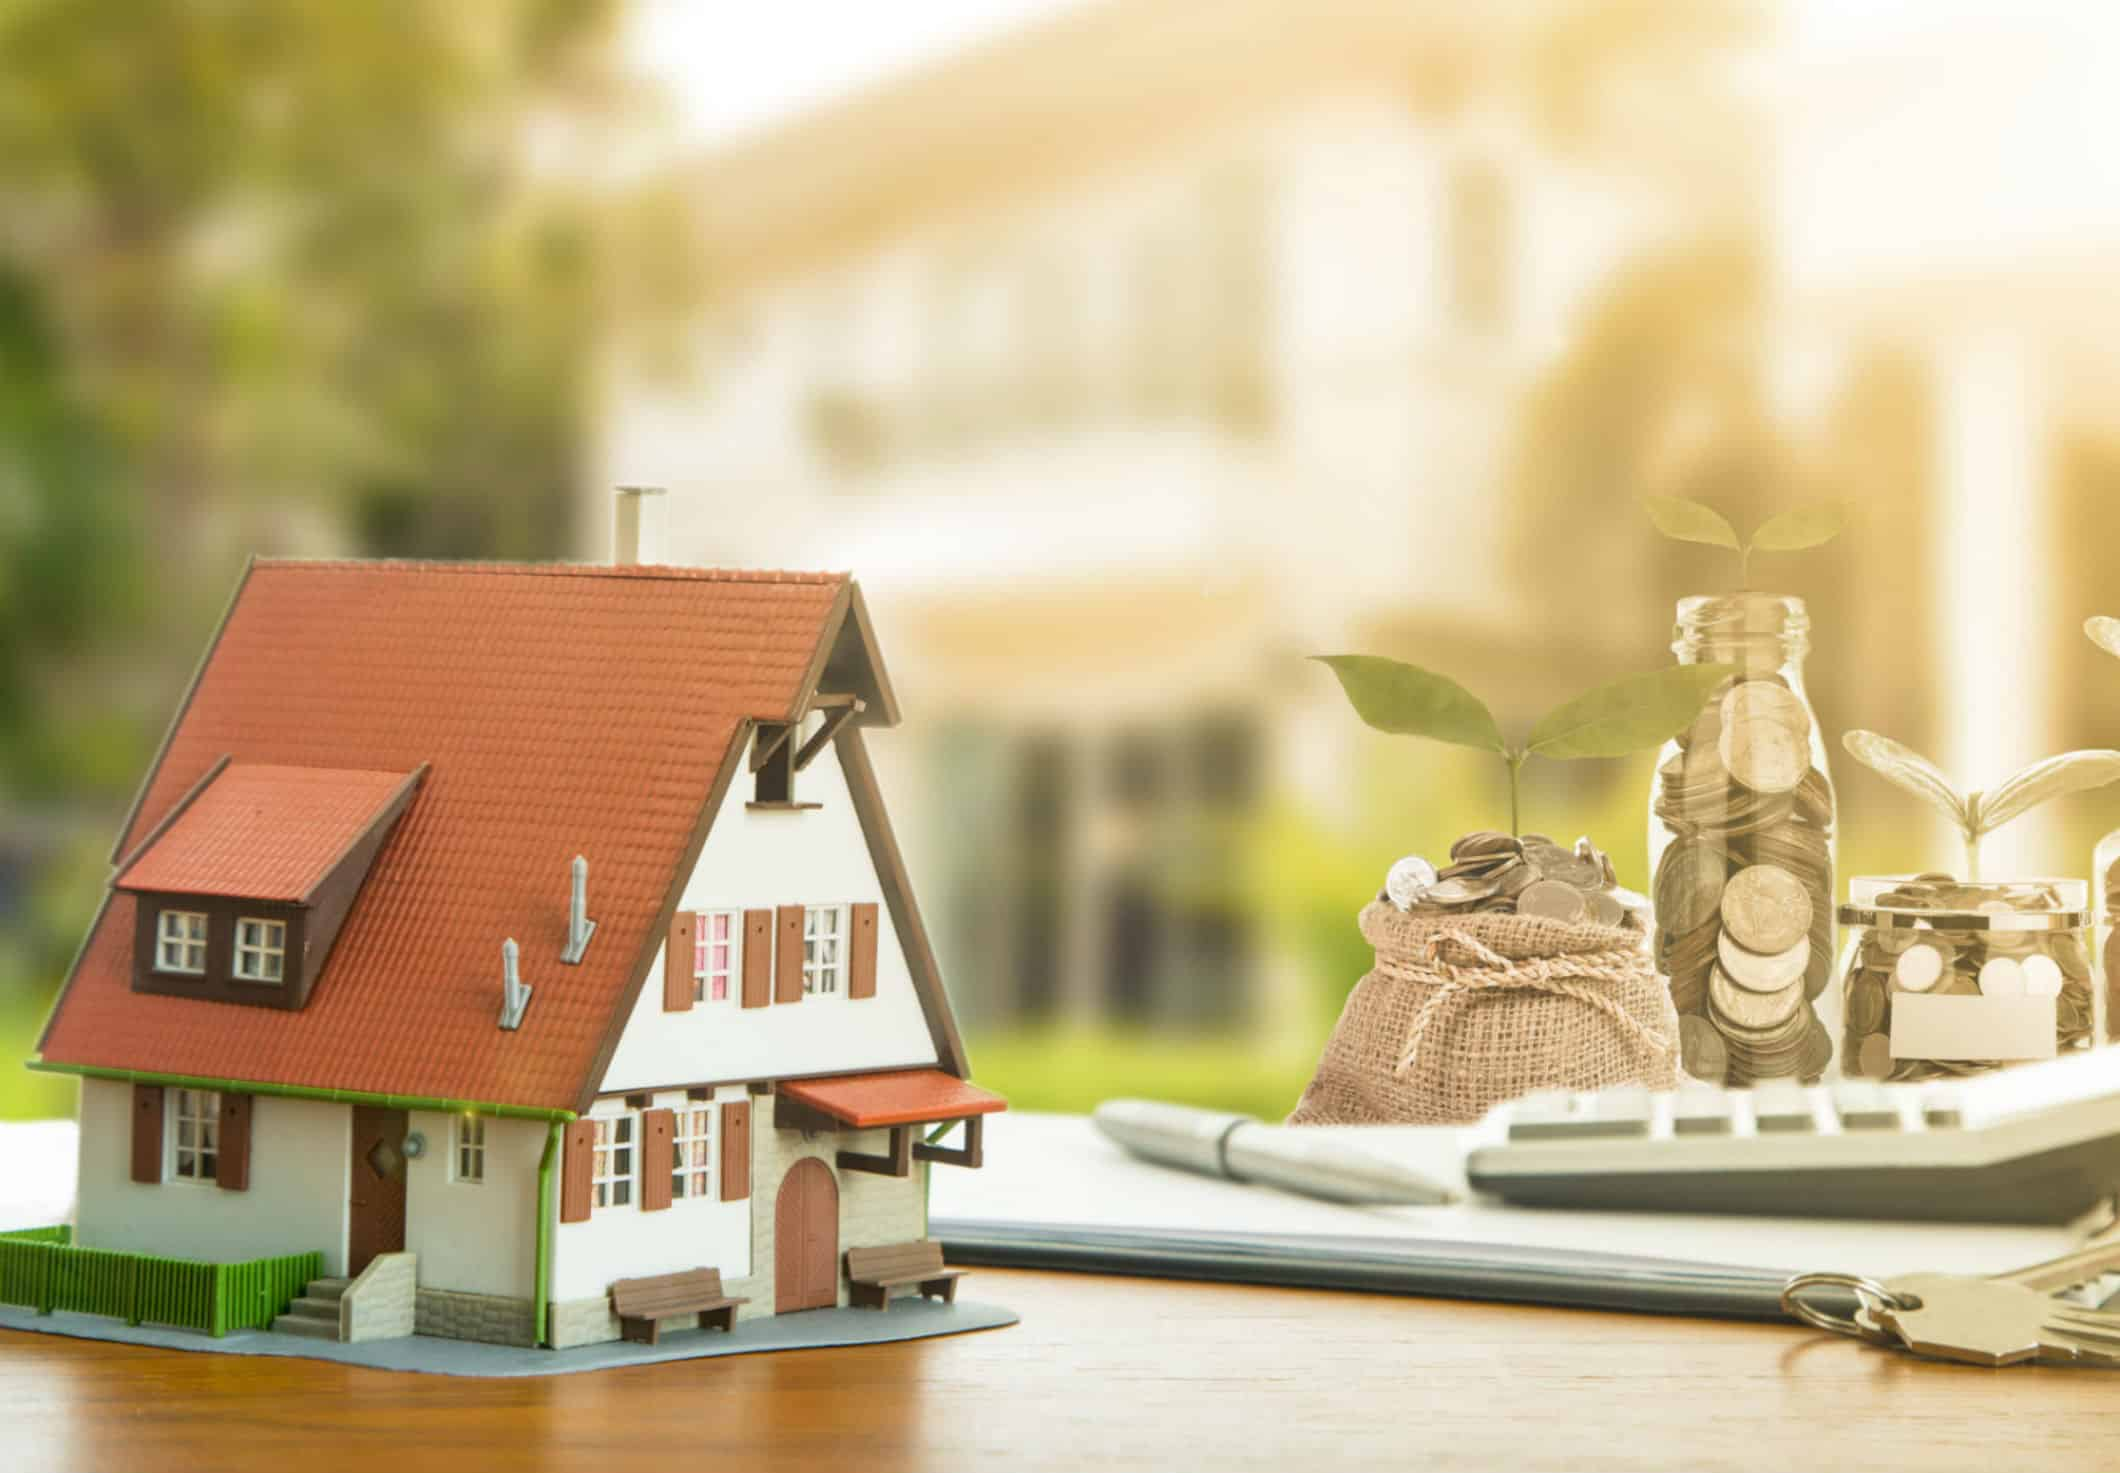 imagem de uma casa em miniatura e sacos com moedas ao lado